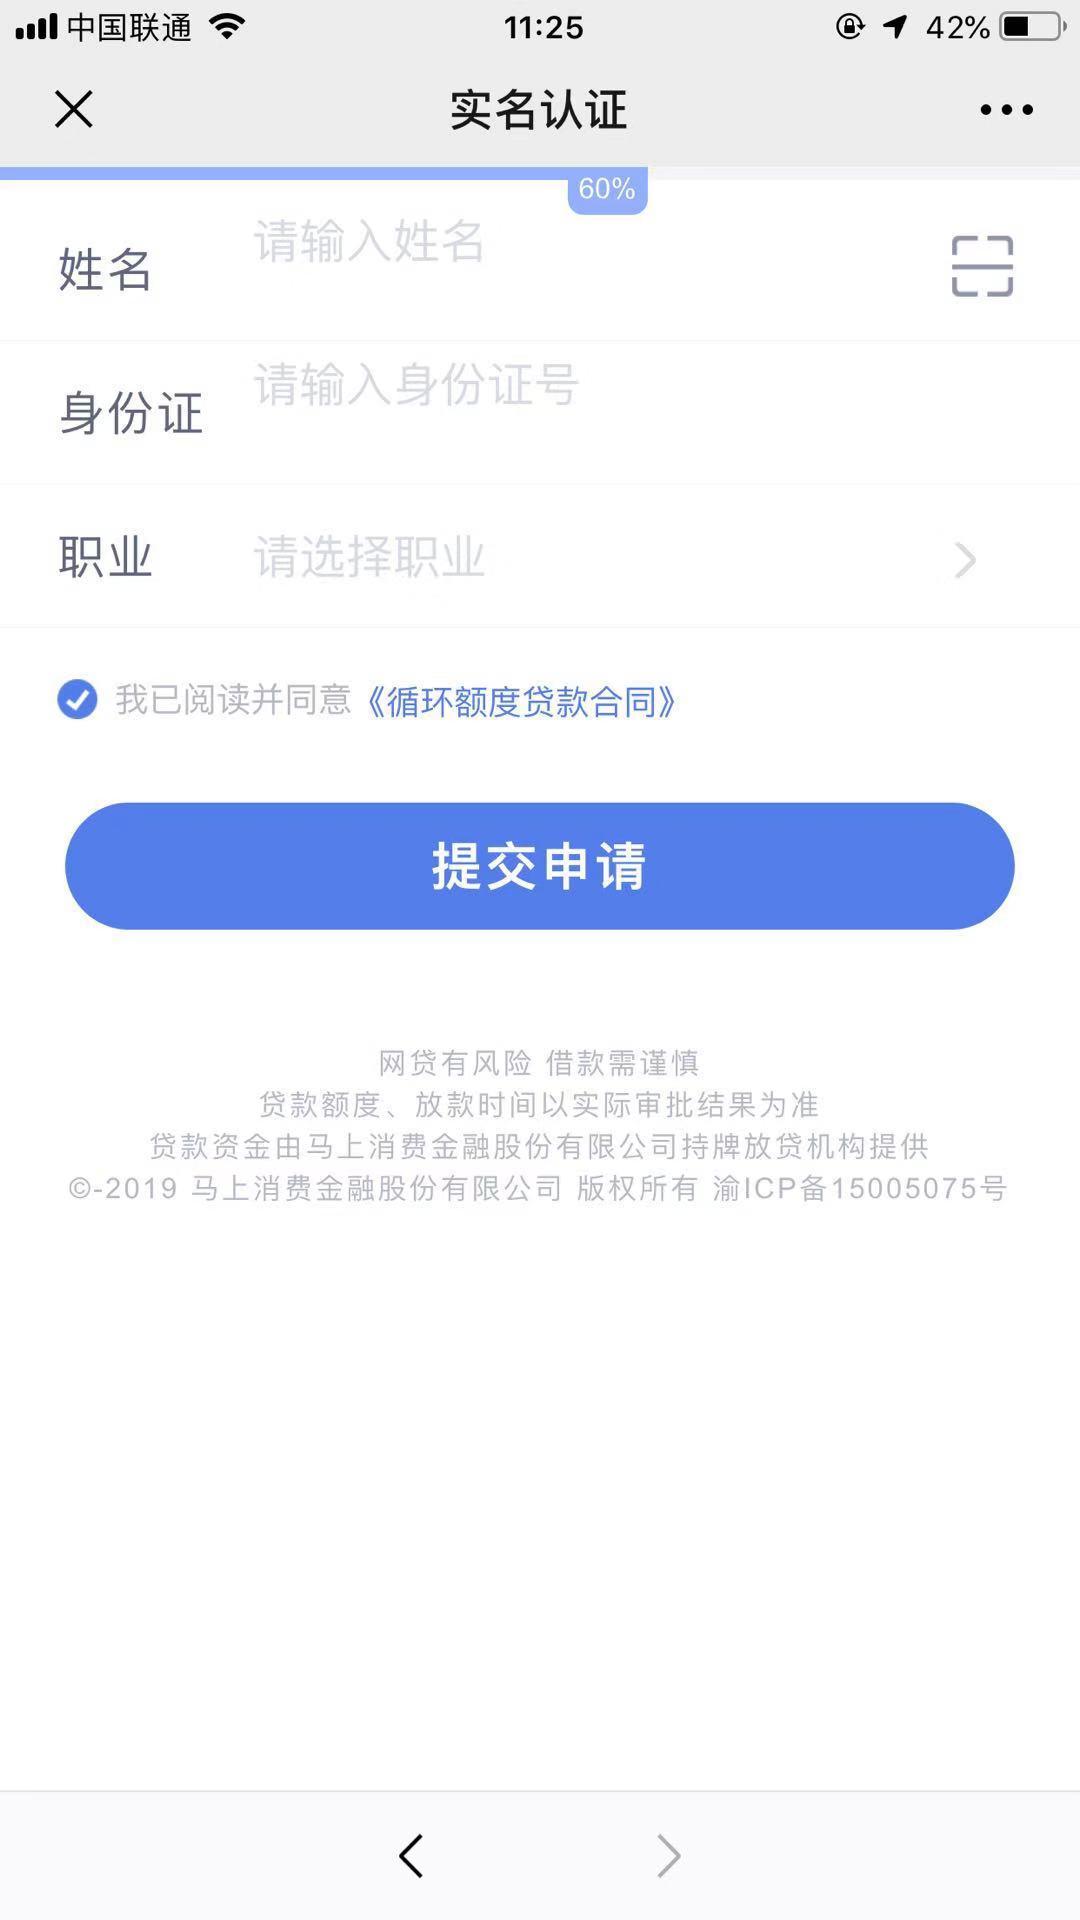 安逸花APP推广,日结CPA副业项目2